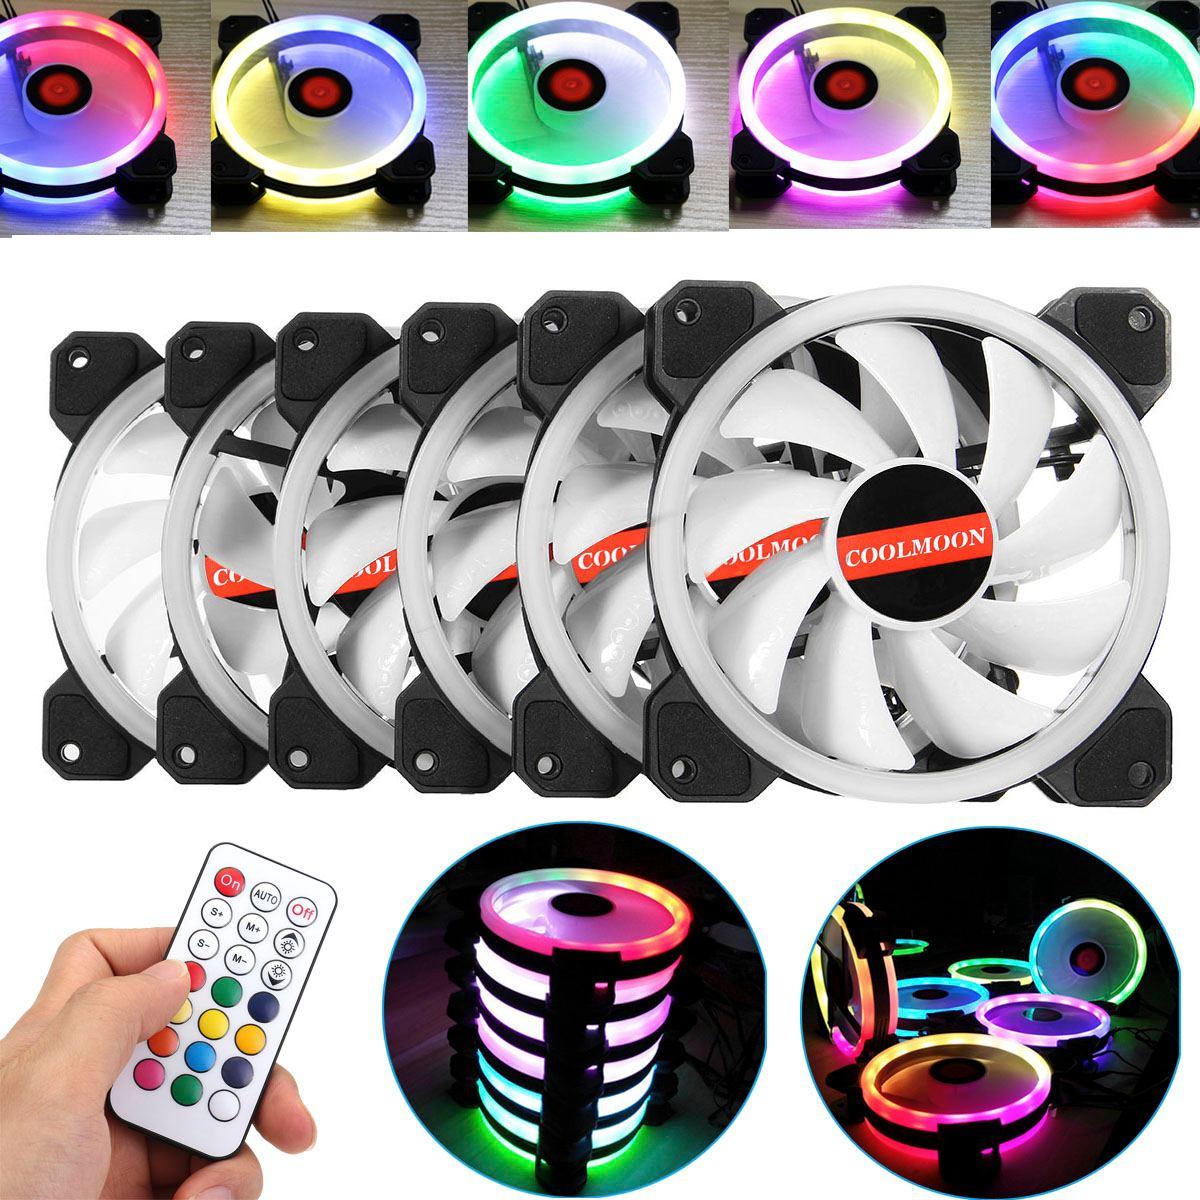 6 pièces coque d'ordinateur PC ventilateur de refroidissement RGB ventilateur de refroidissement refroidisseur ajuster LED 120mm silencieux IR ordinateur à distance refroidisseur ventilateur de refroidissement CPU - 3